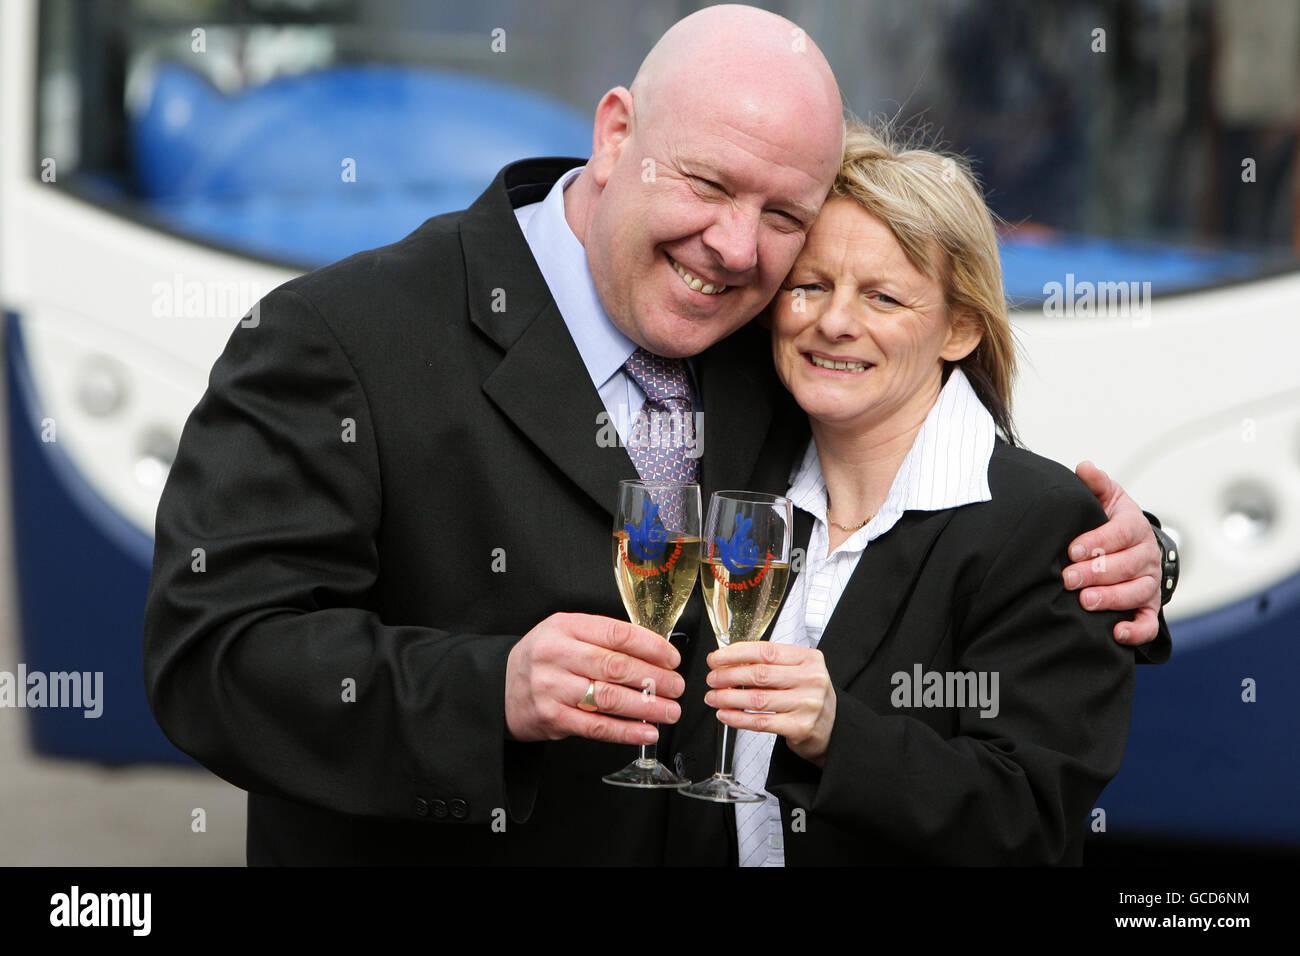 Busfahrer Kevin Halstead und seine Partnerin Josephine Jones im Shaw Hill Golf and Country Club in Chorley, Lancashire, nachdem Kevin am vergangenen Samstag 2,302,668 auf der National Lottery gewonnen hatte. Stockfoto